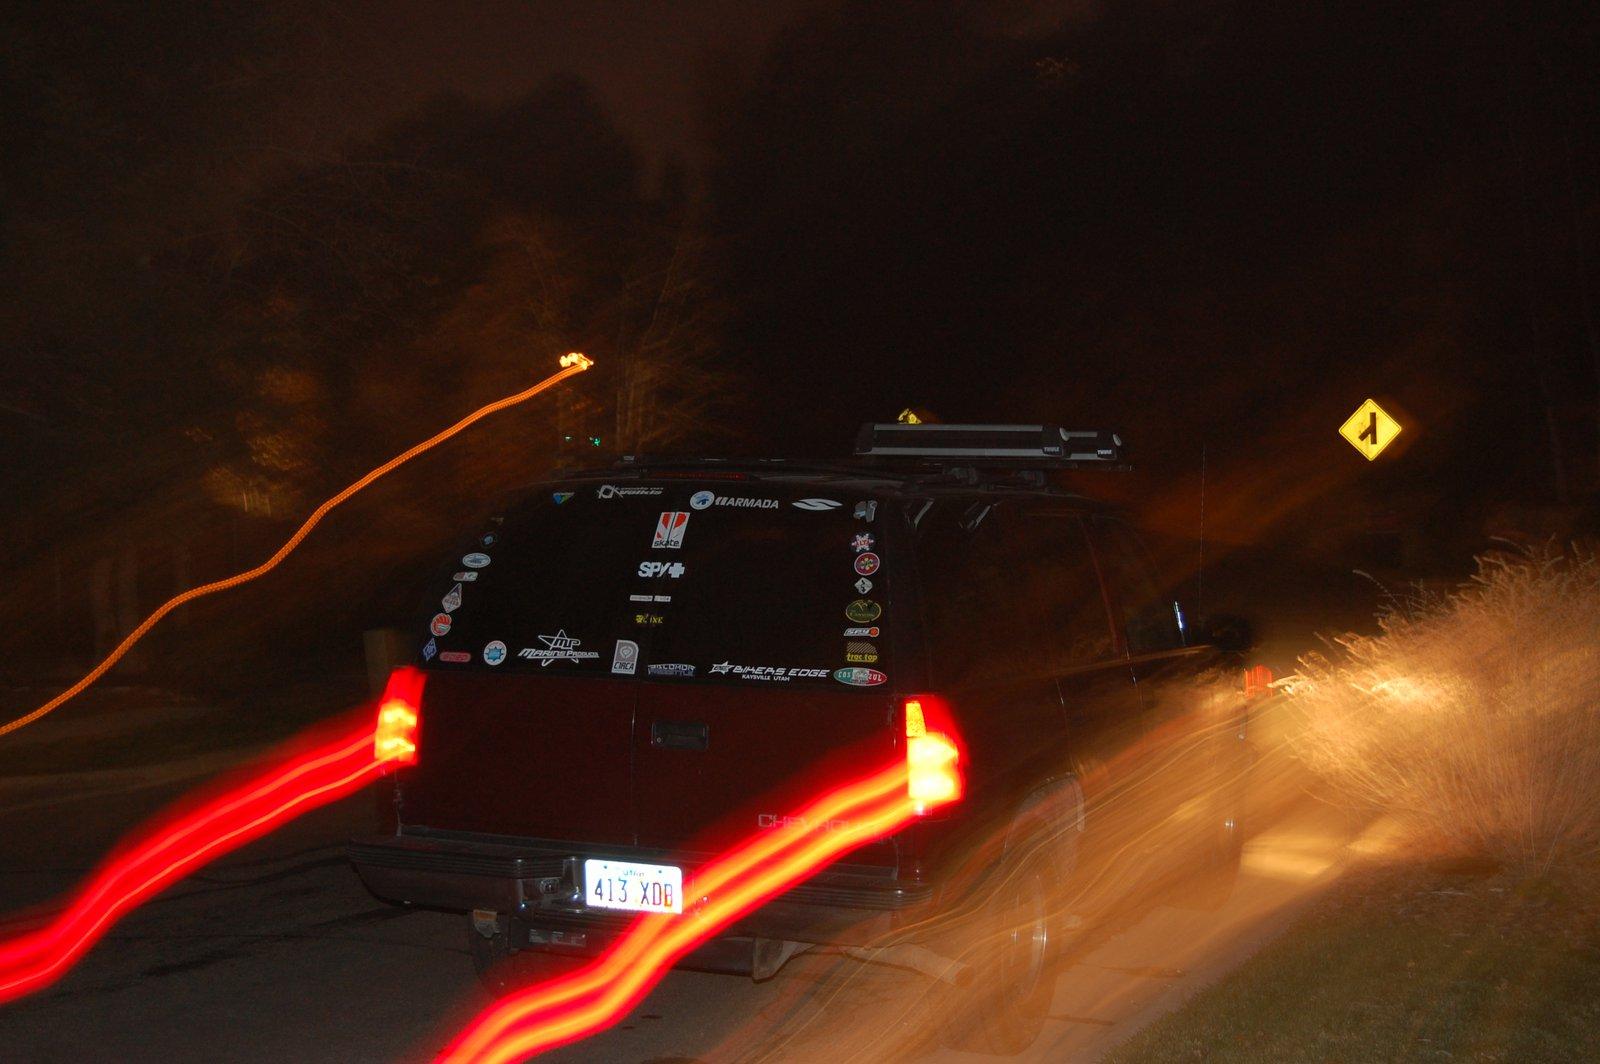 Sticker Job, Trailing Taillights